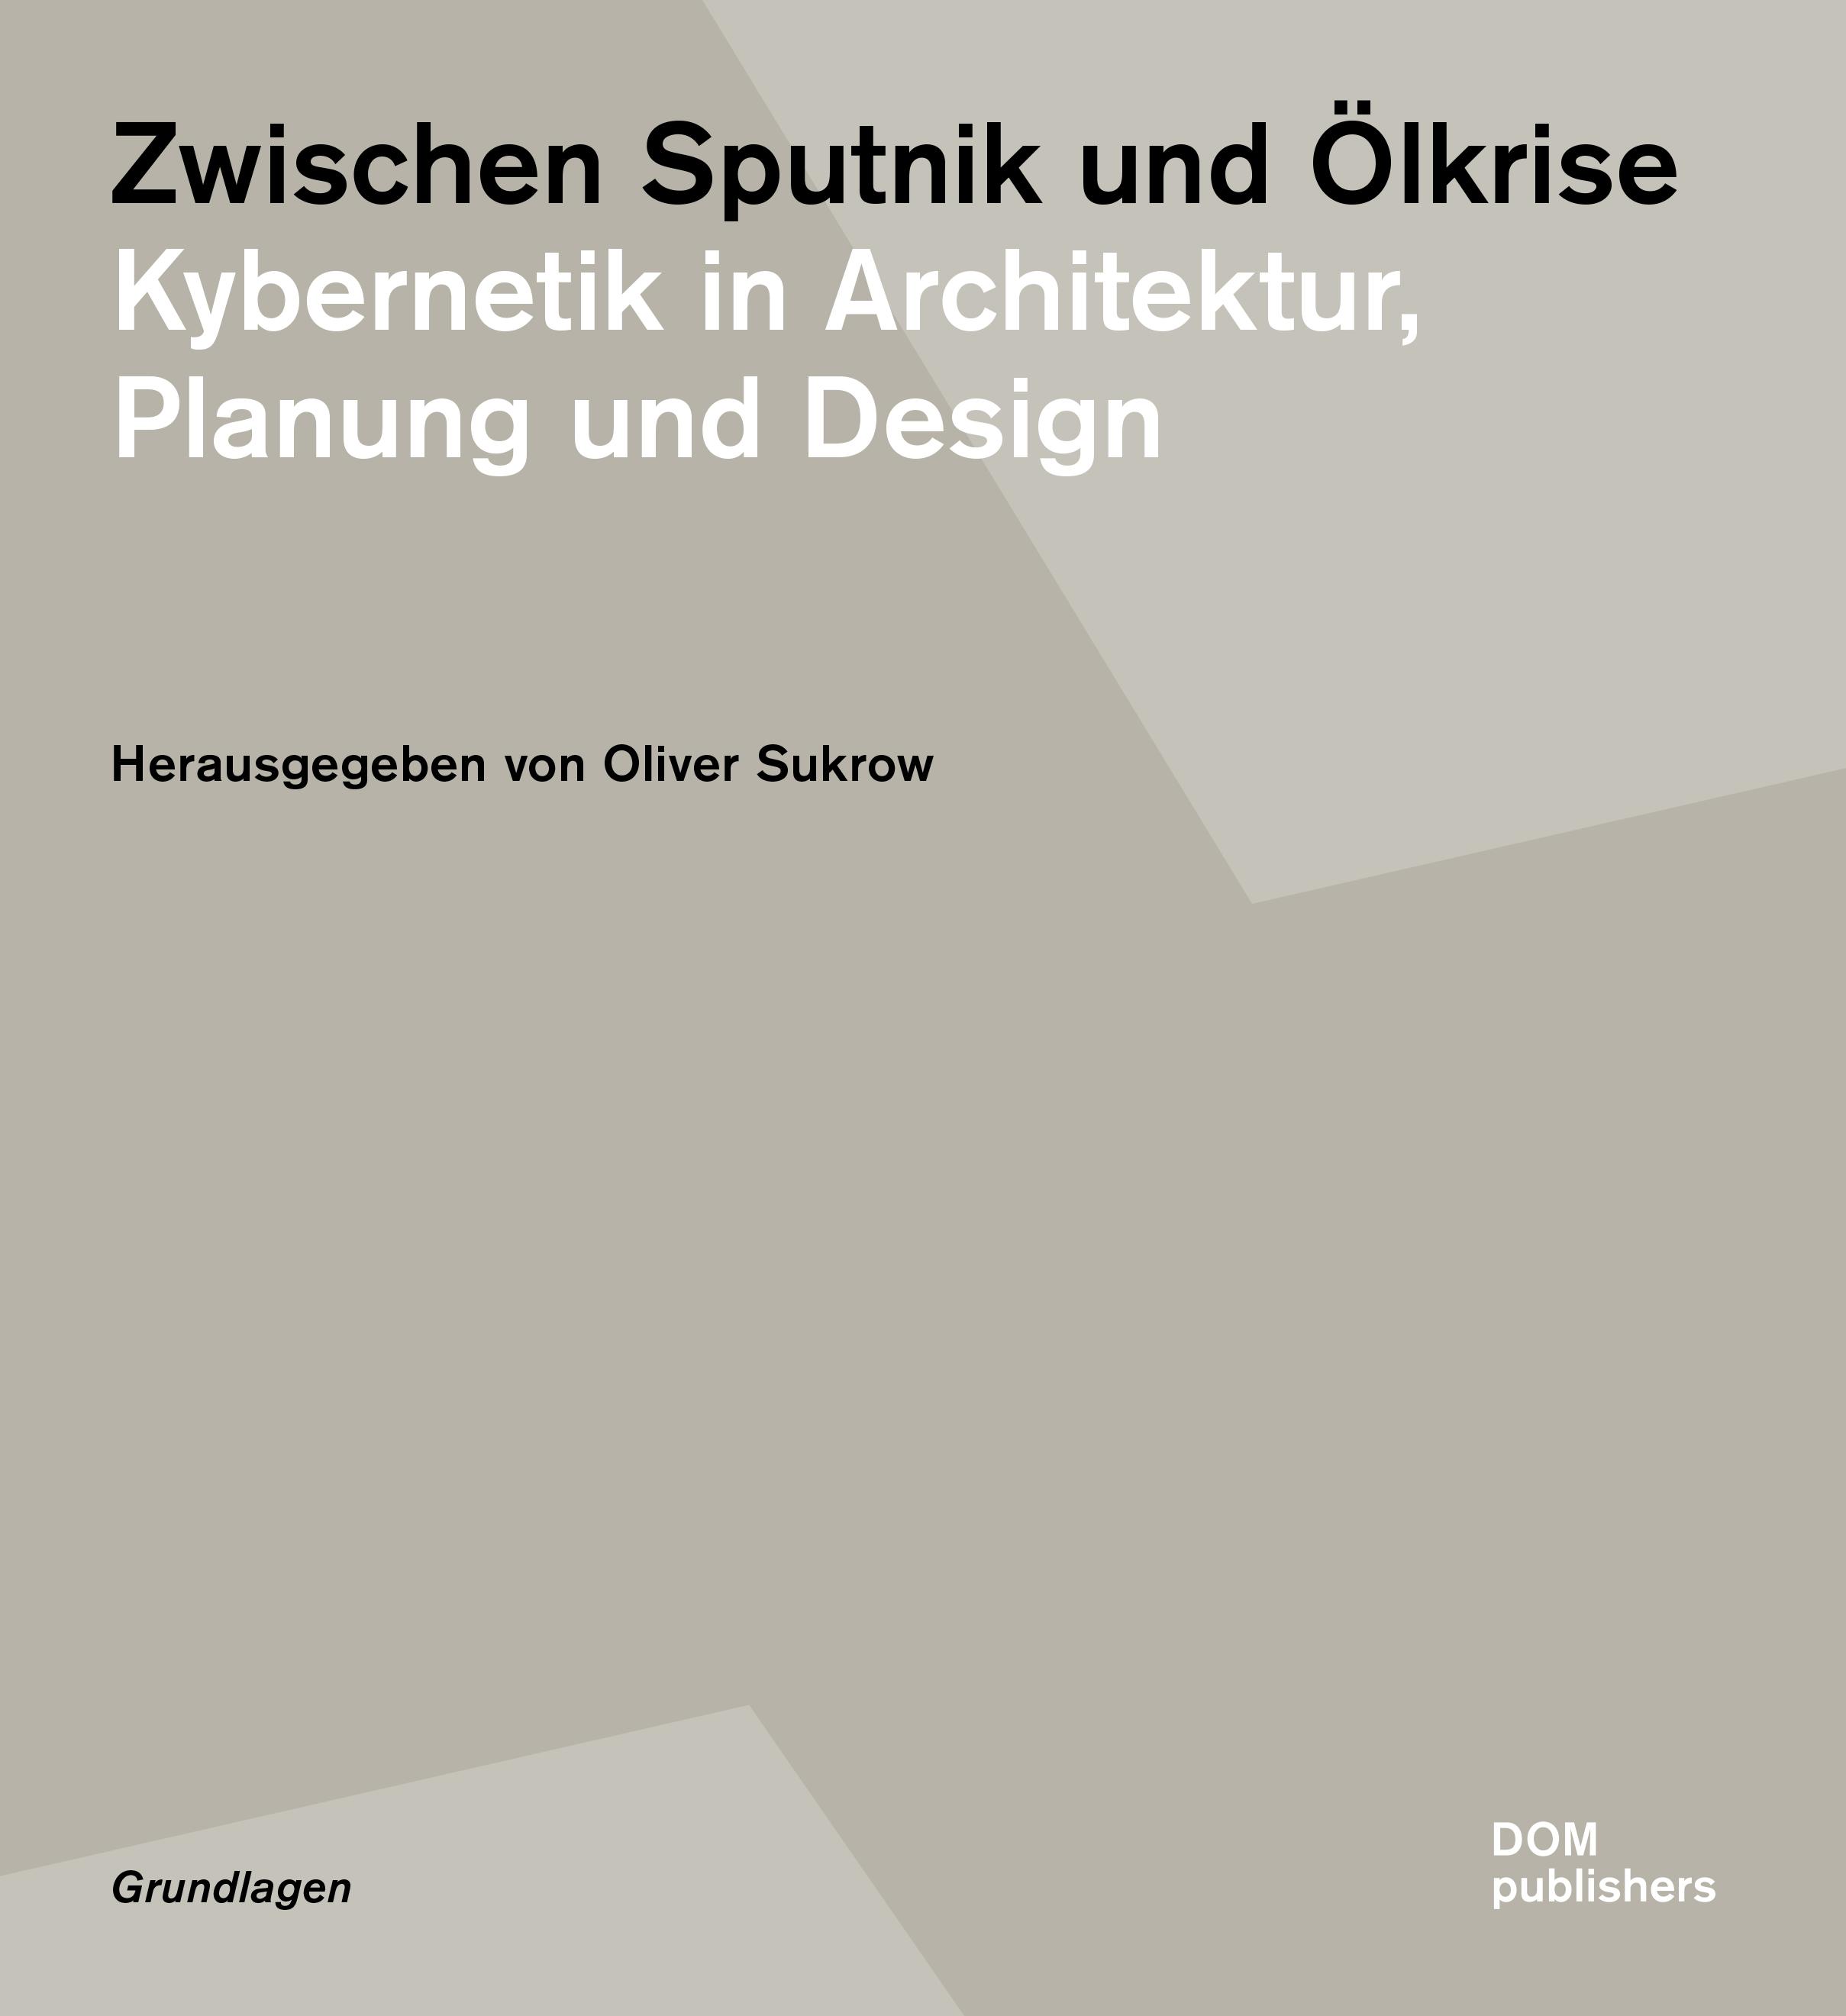 Neuerscheinung: Oliver Sukrow (Hrsg.), Zwischen Sputnik und Ölkrise. Kybernetik in Architektur, Planung und Design